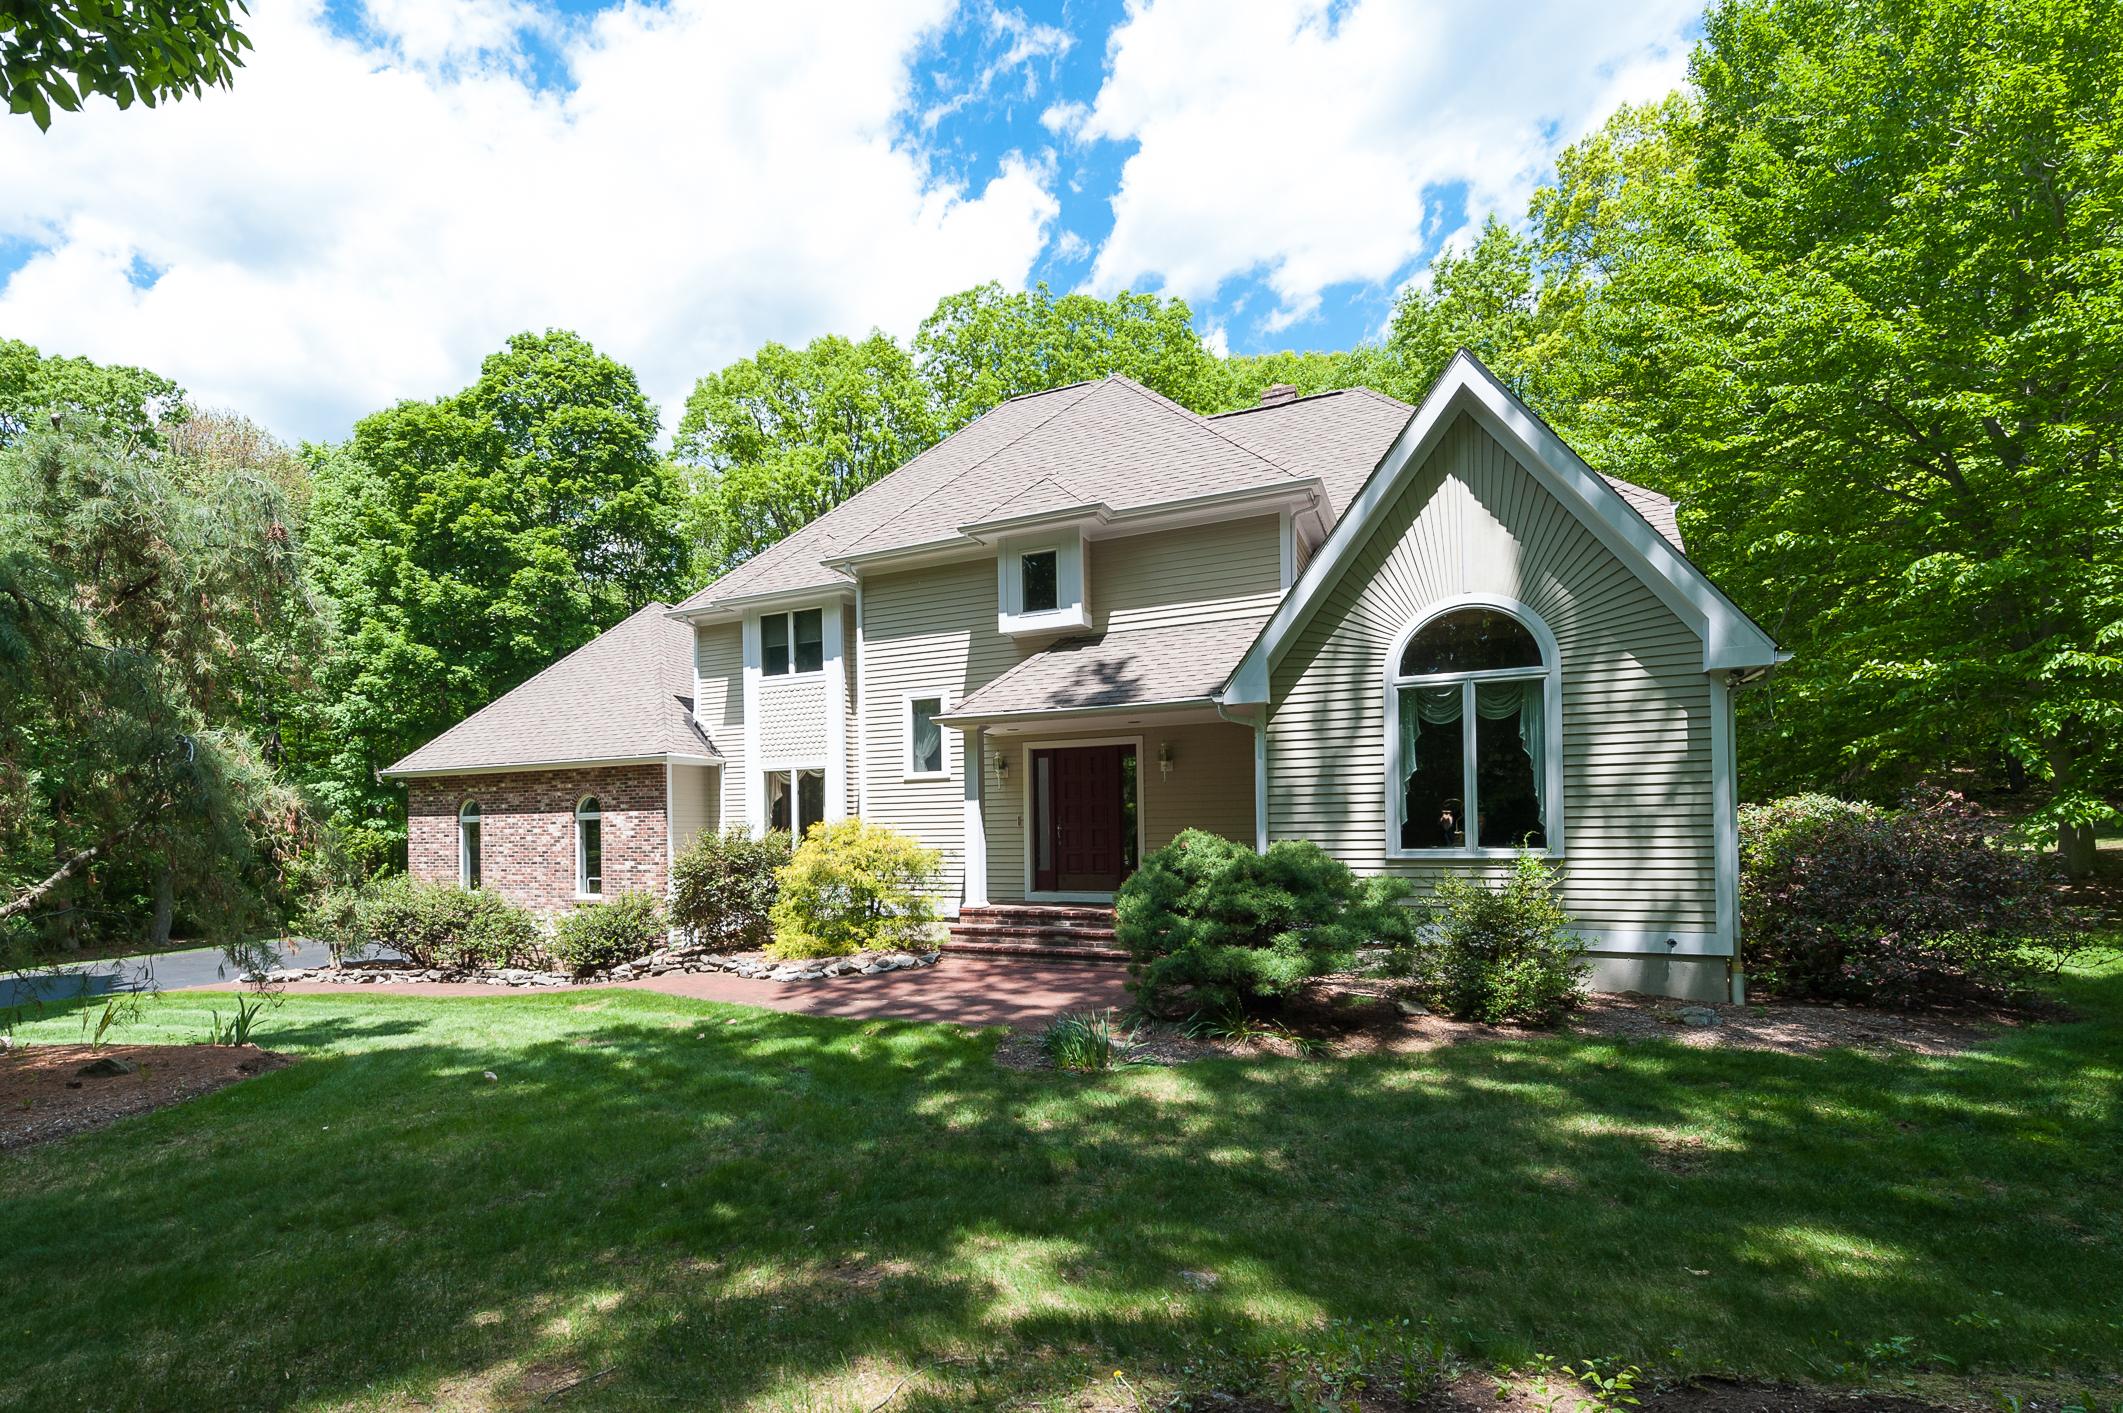 Casa Unifamiliar por un Venta en 34 Hidden Springs Rd Madison, Connecticut 06443 Estados Unidos